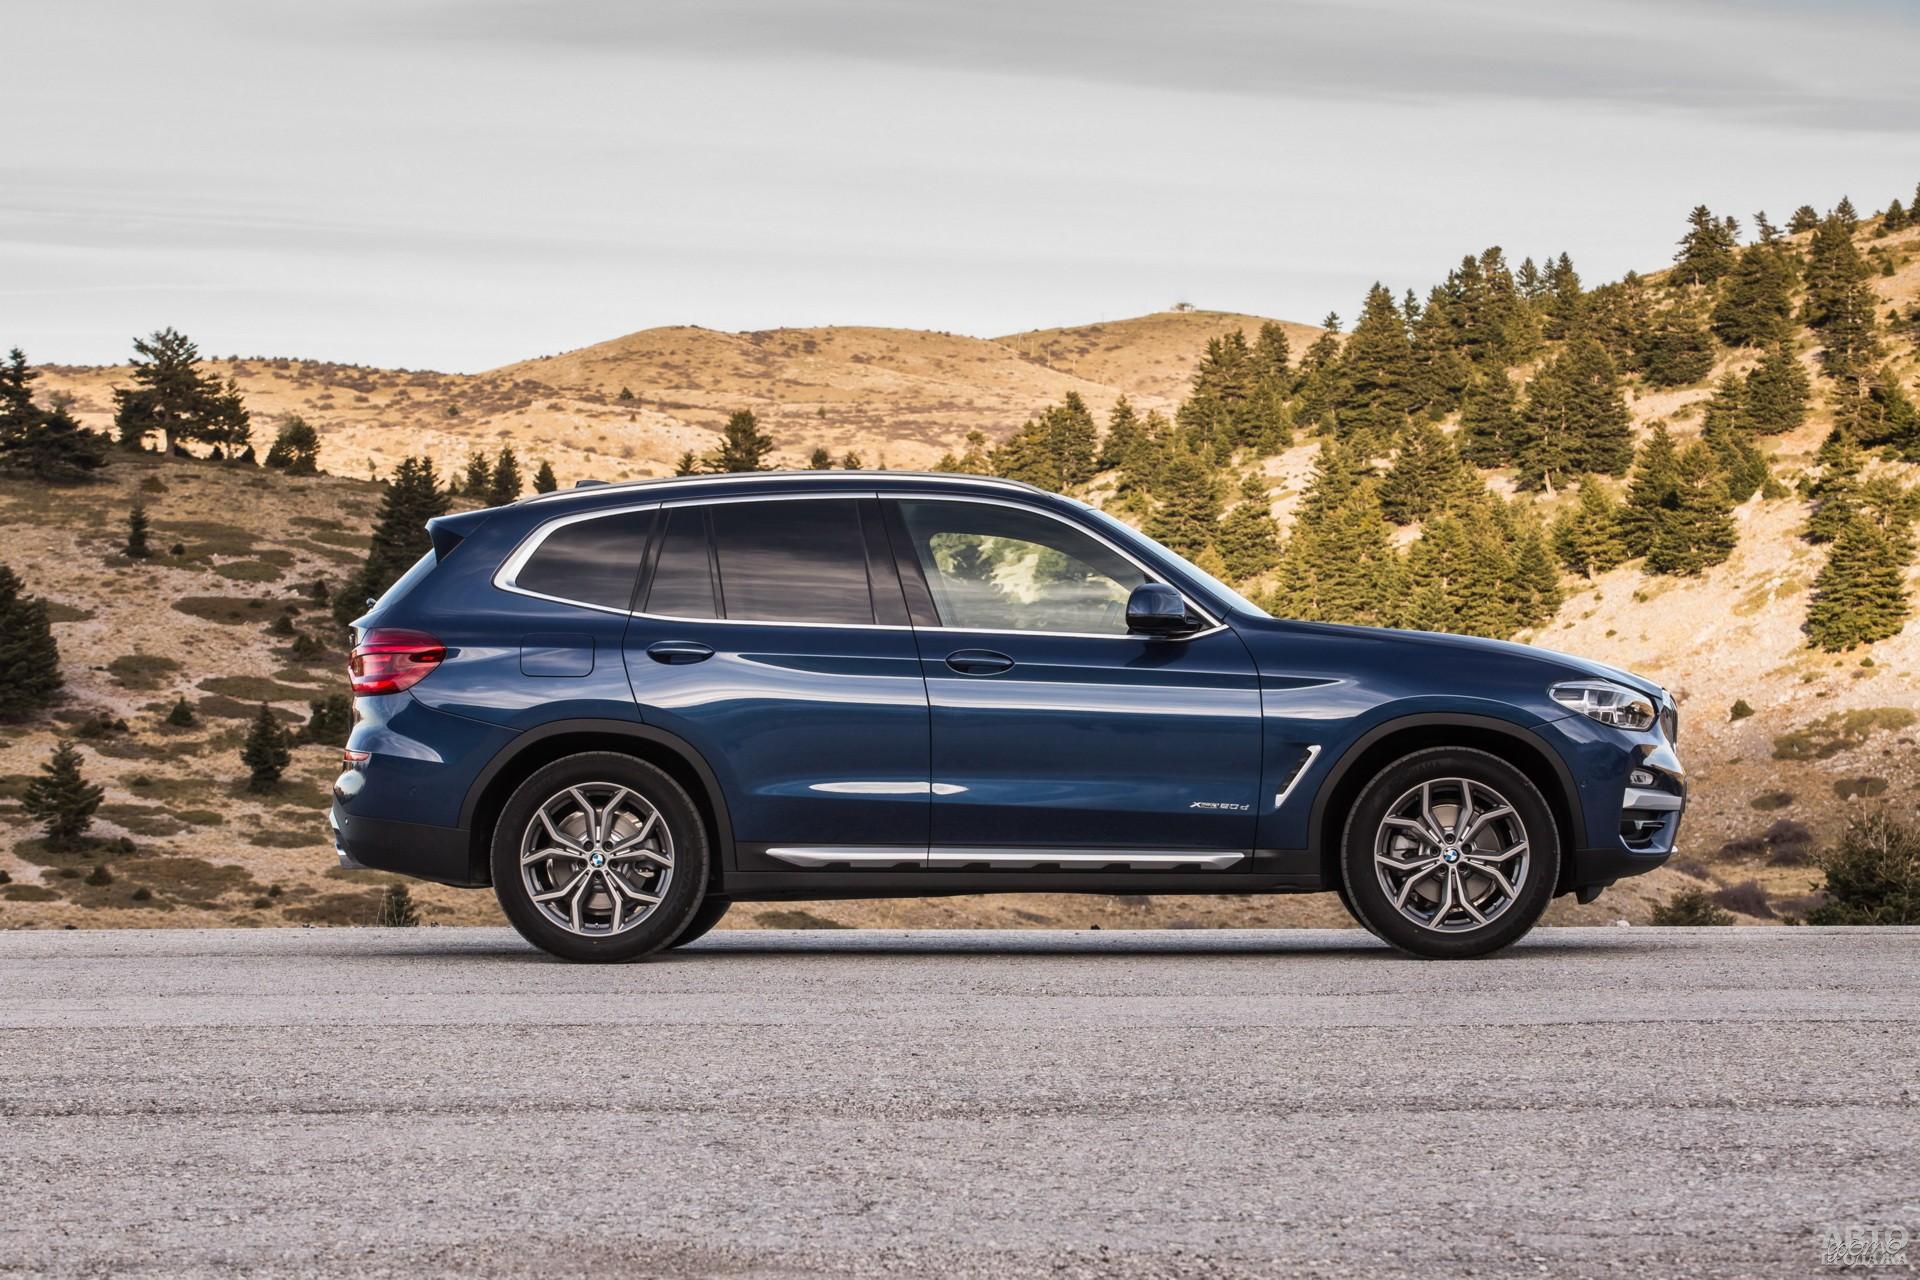 BMW крупнее соперников – 4708 мм